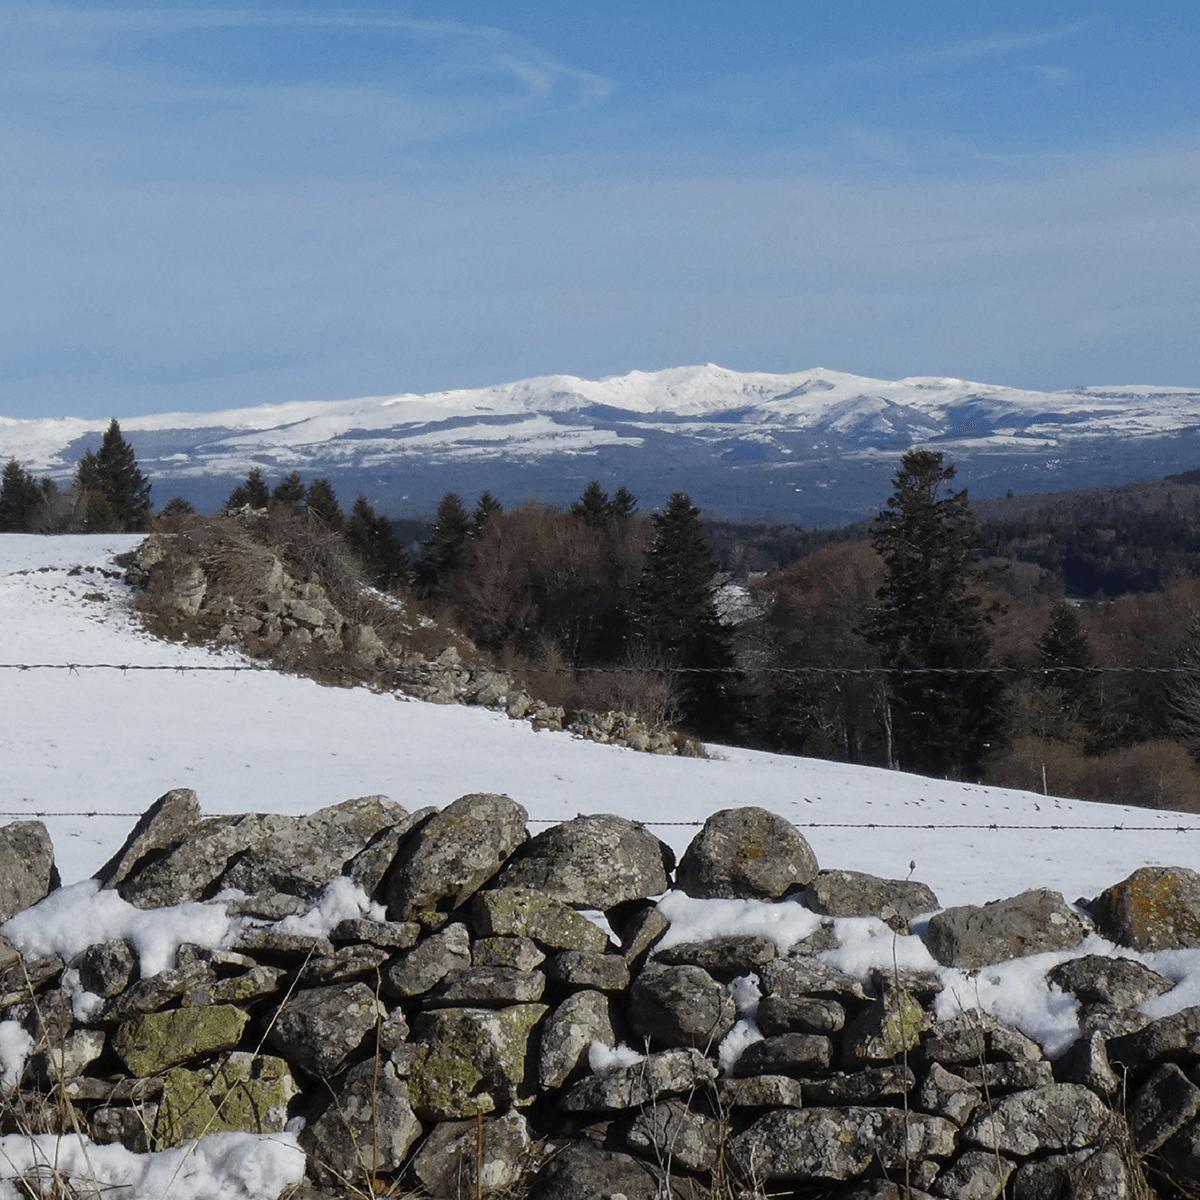 Vue des monts du Cantal enneigés